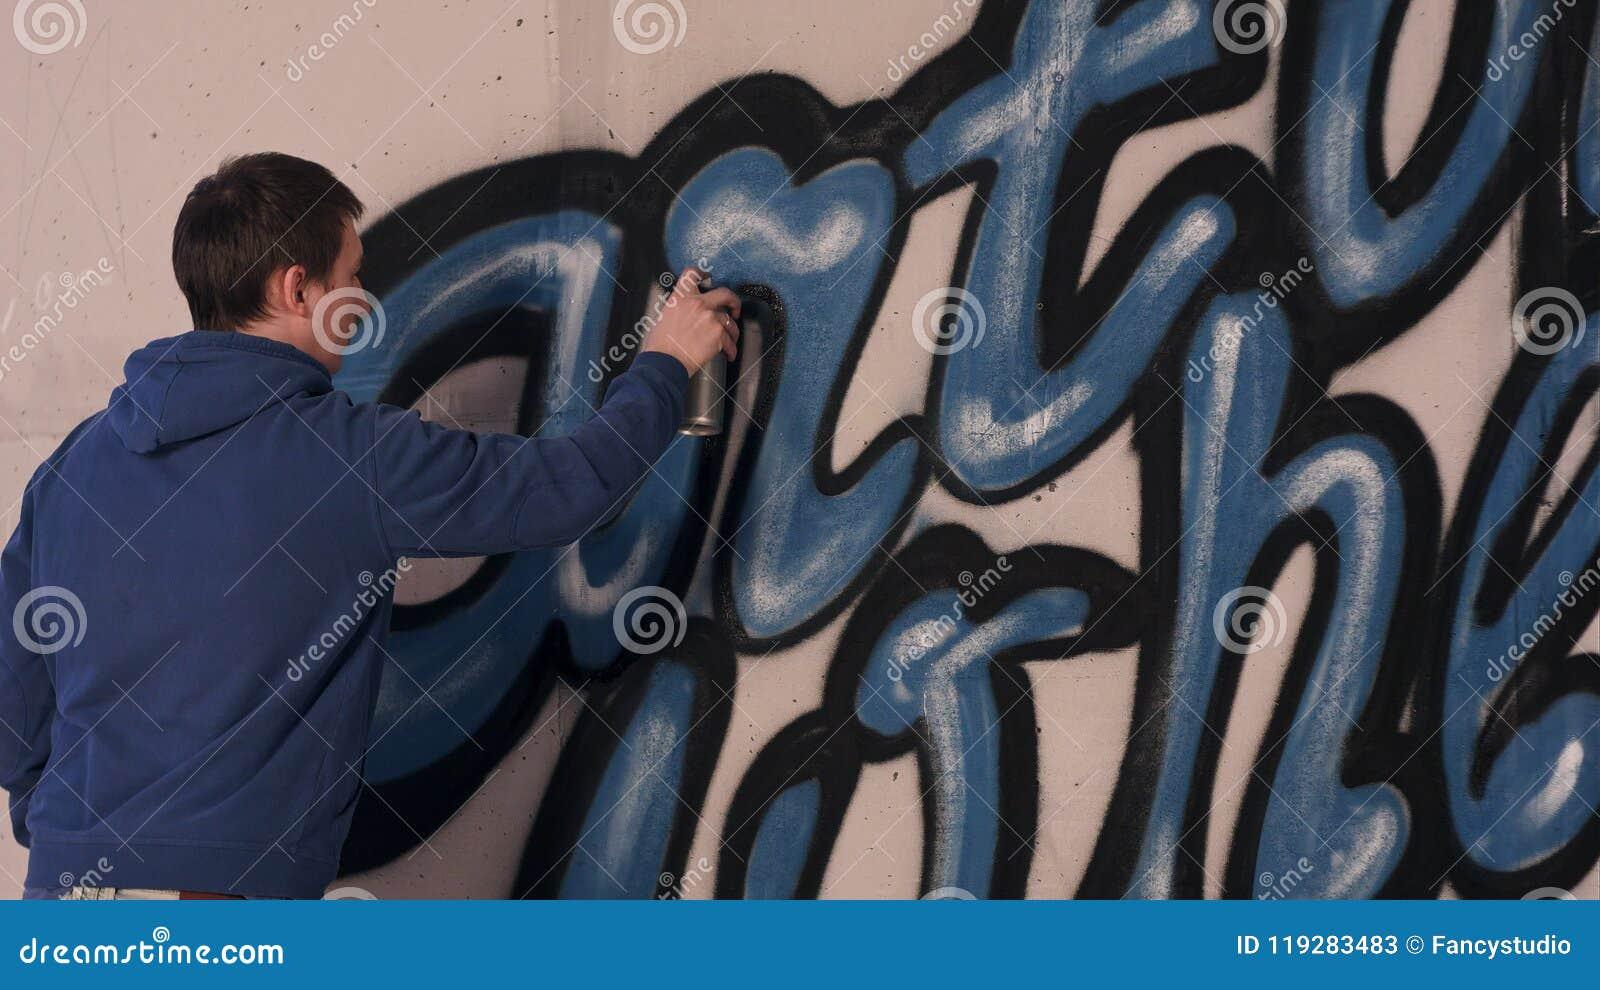 Graffiti artysty obraz z aerosolową kiścią na ścianie